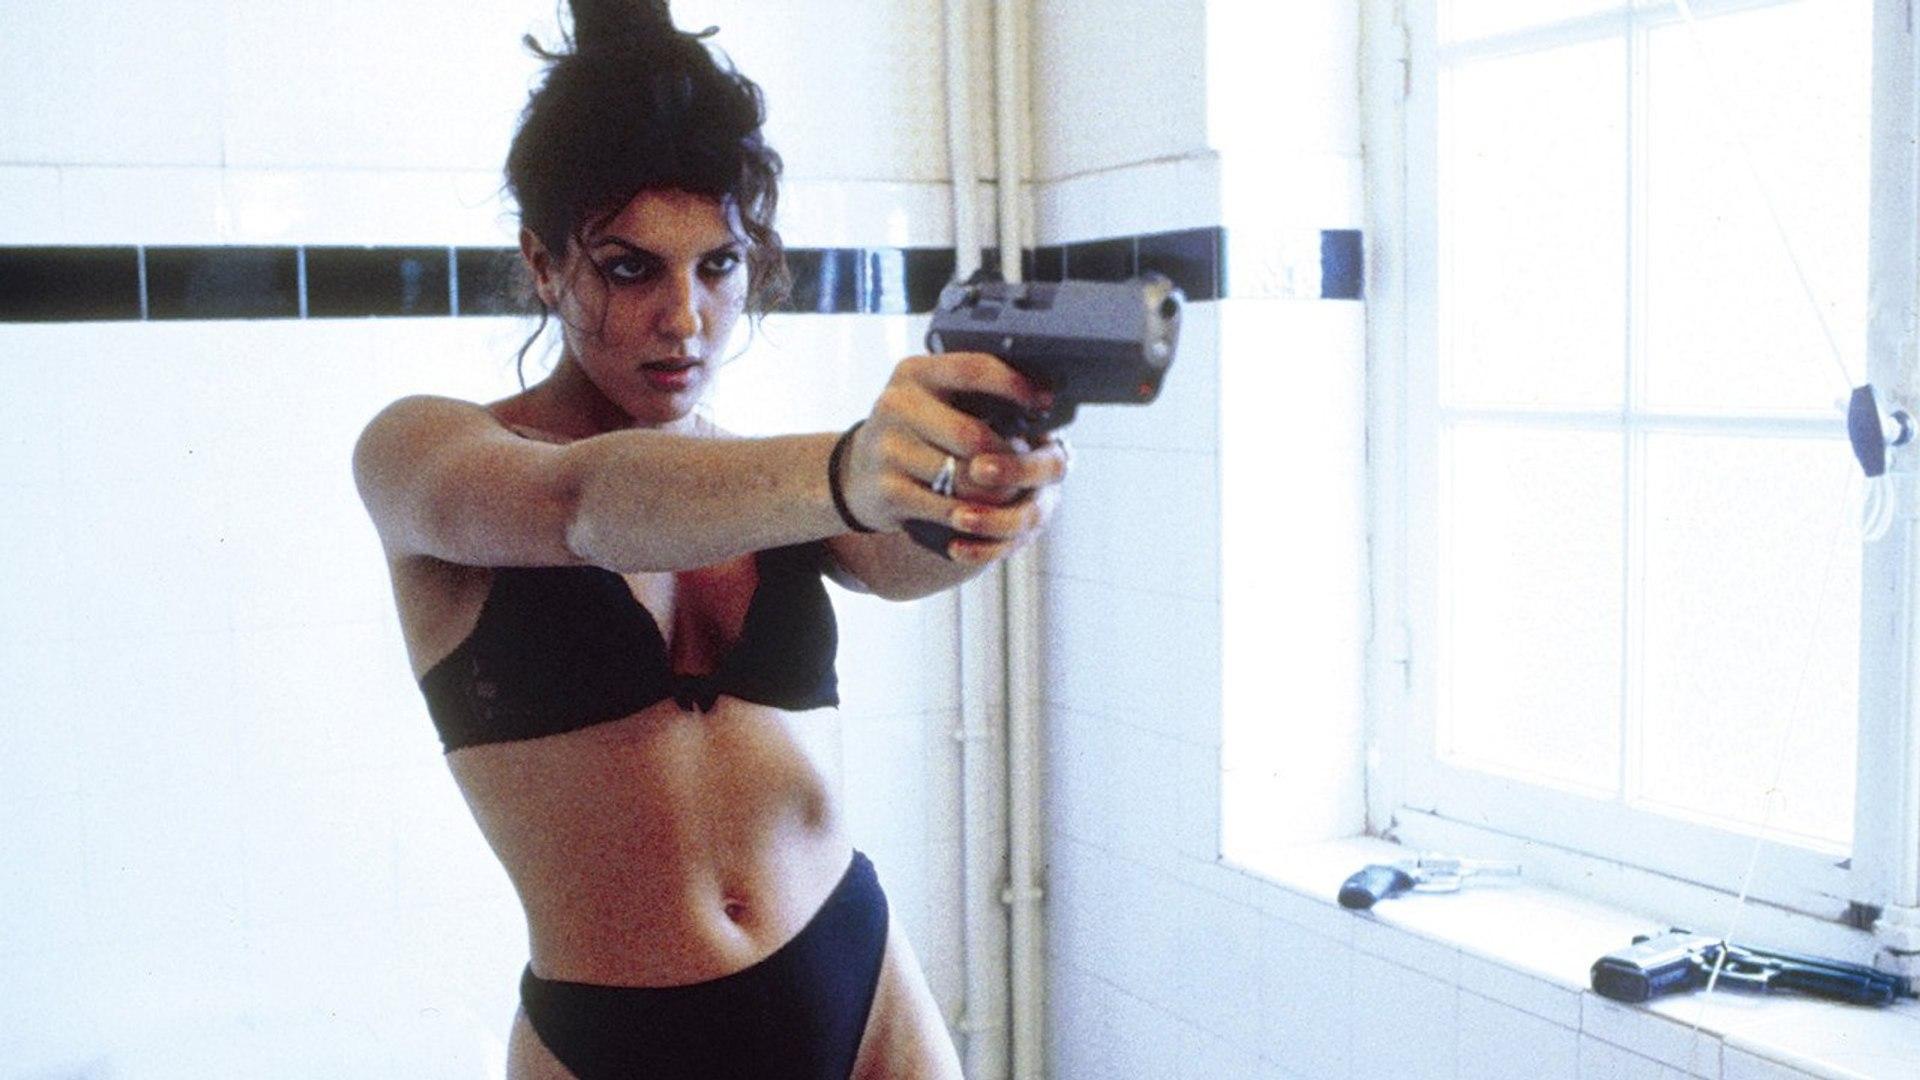 Karen Bach on a shooting spree in Baise-Moi (2000)